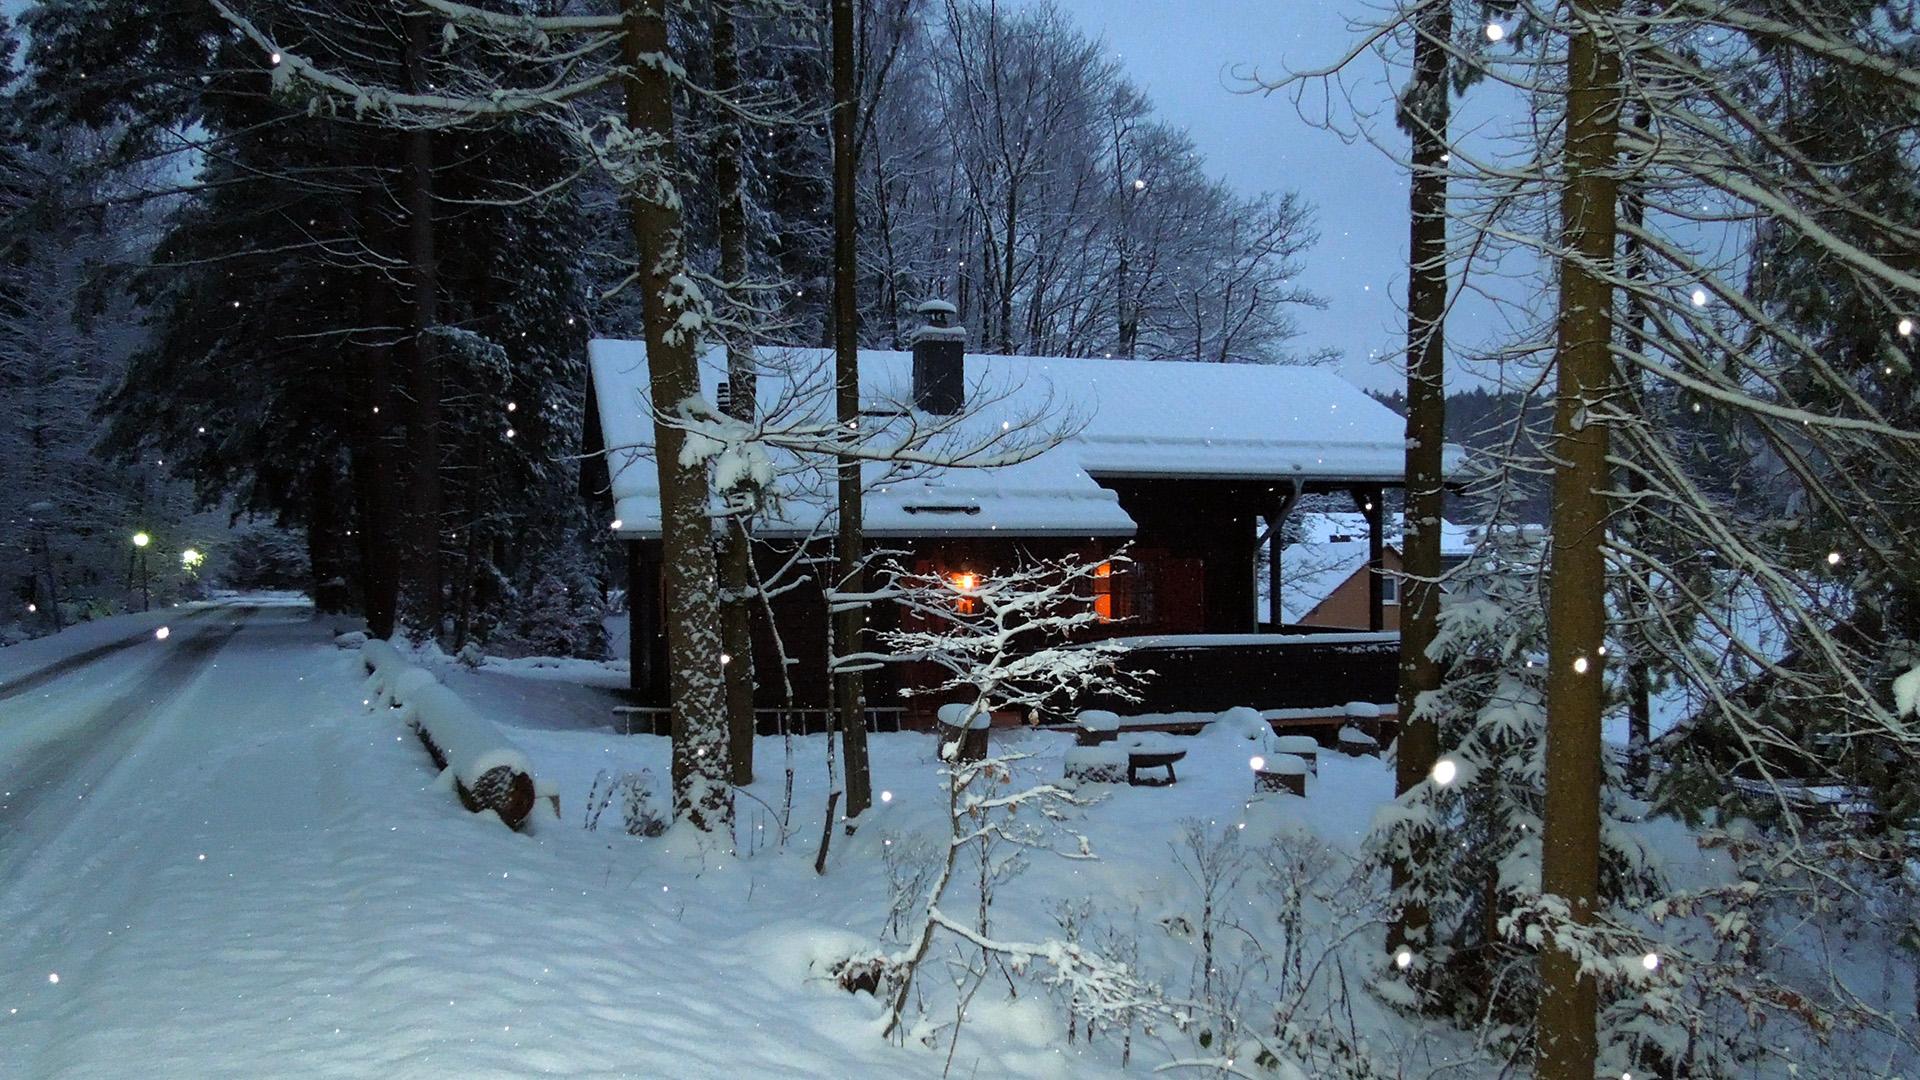 Blockhaus-Bodefall-Winter-Blockhaus-am-Abend-im-Schnee